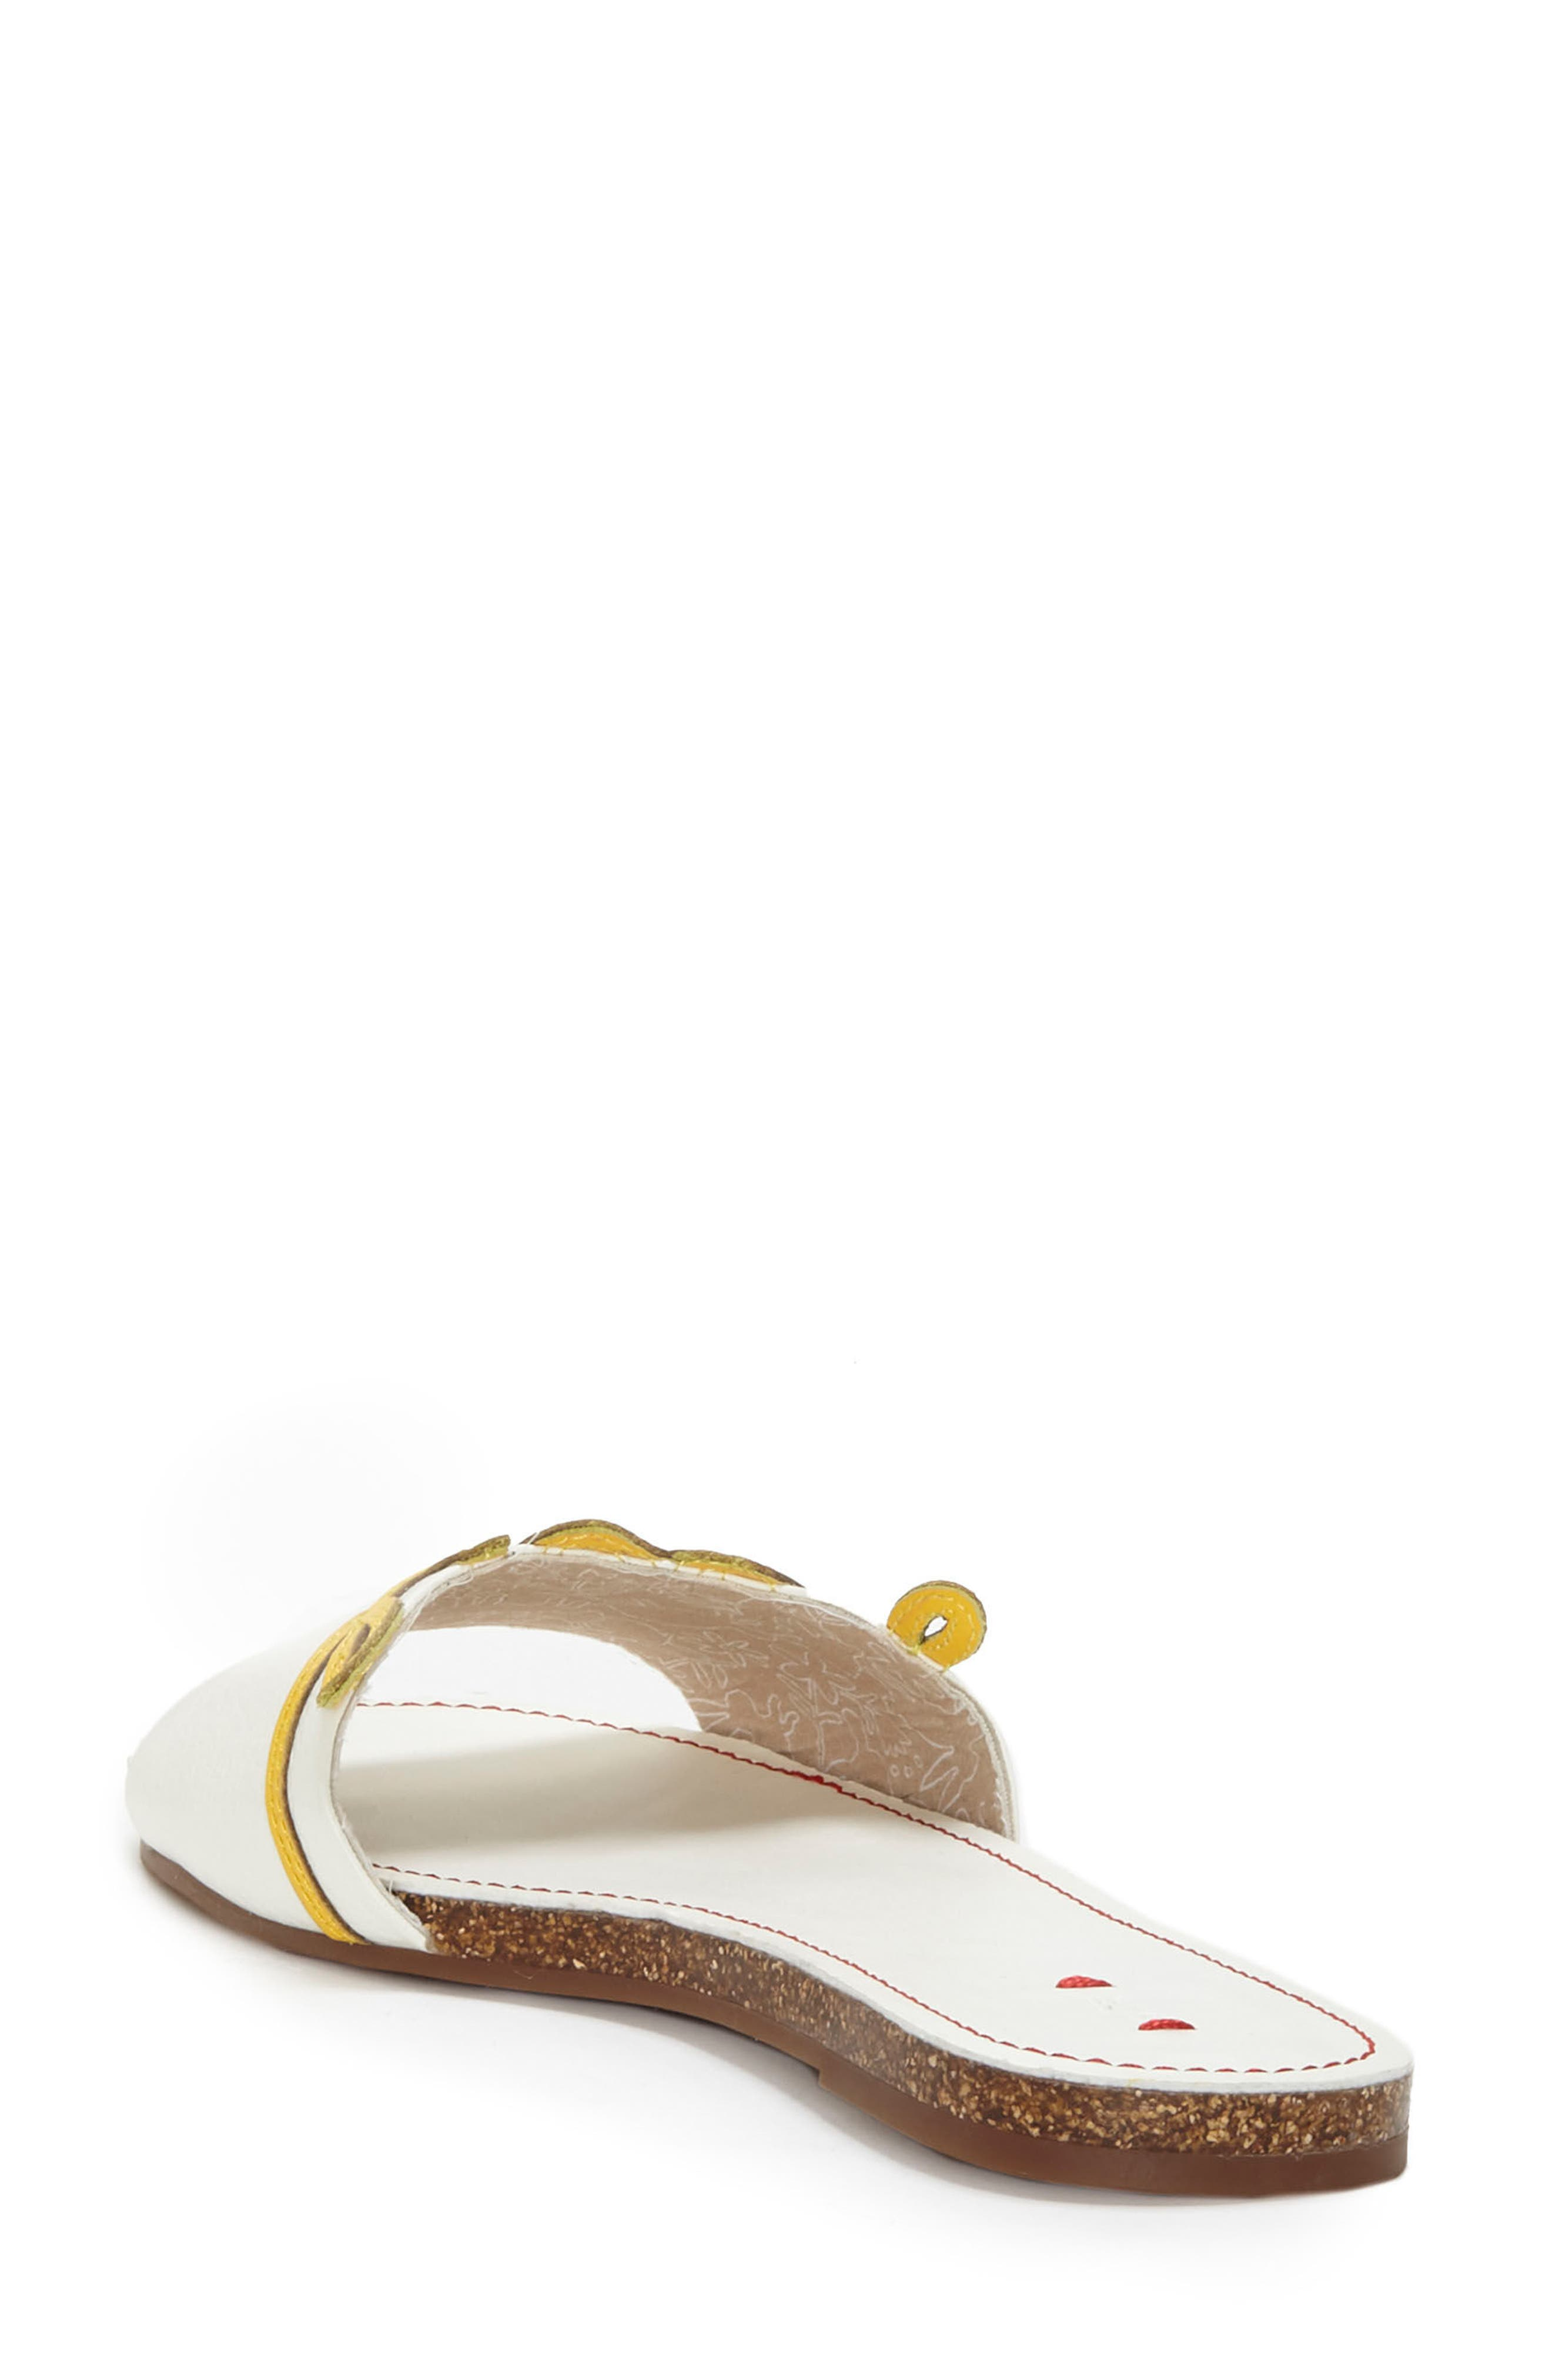 Sharlin Slide Sandal,                             Alternate thumbnail 2, color,                             110